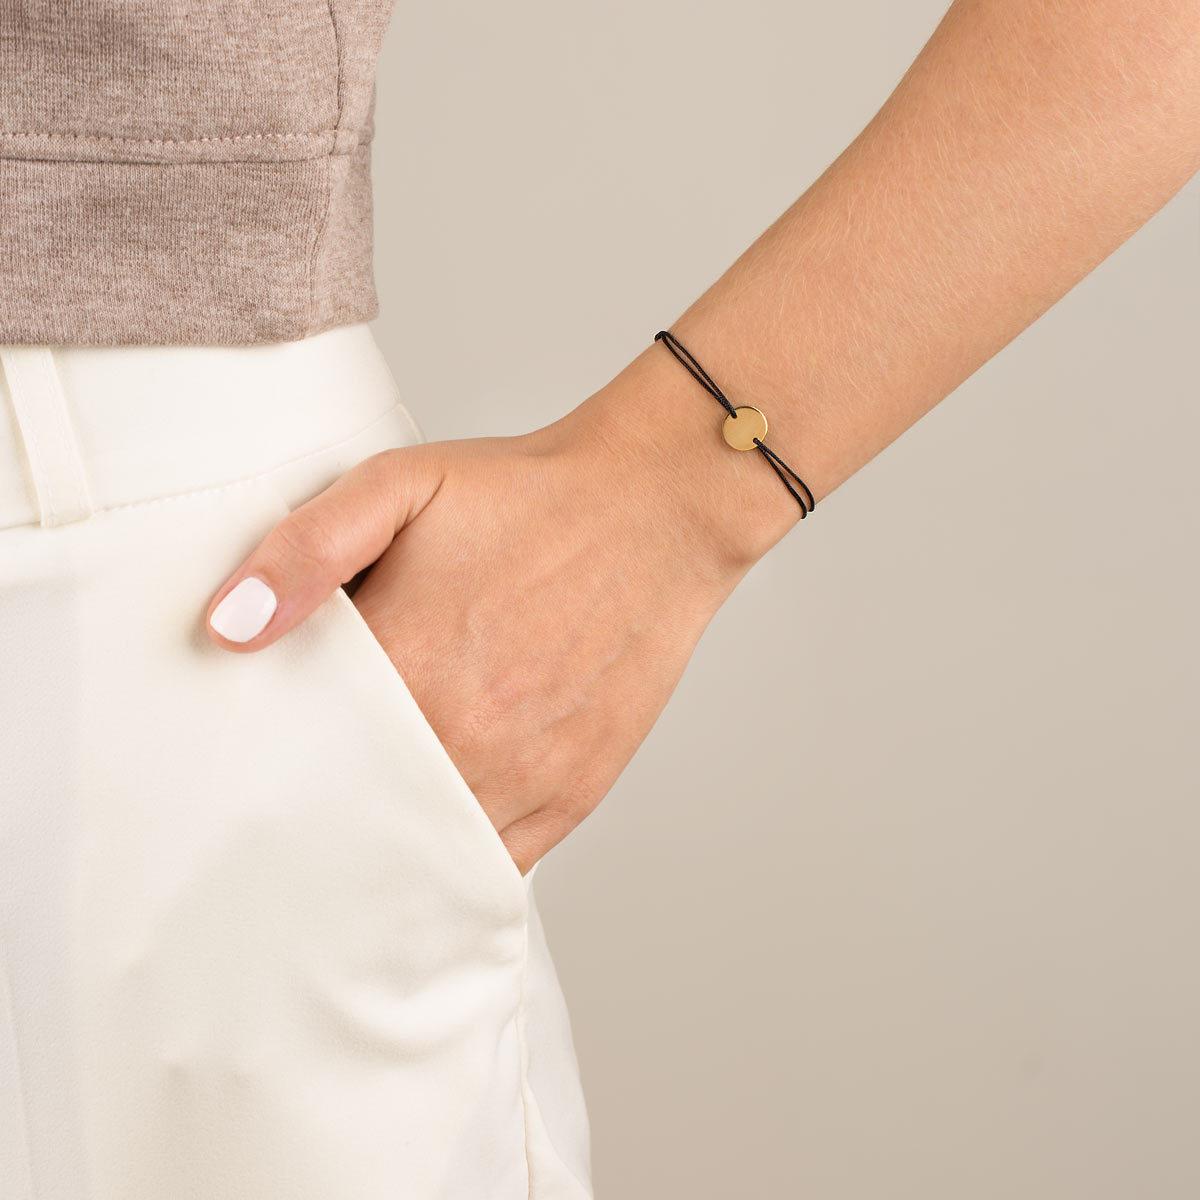 دستبند طلا بافت مشکی دایره حکاکی کوچک